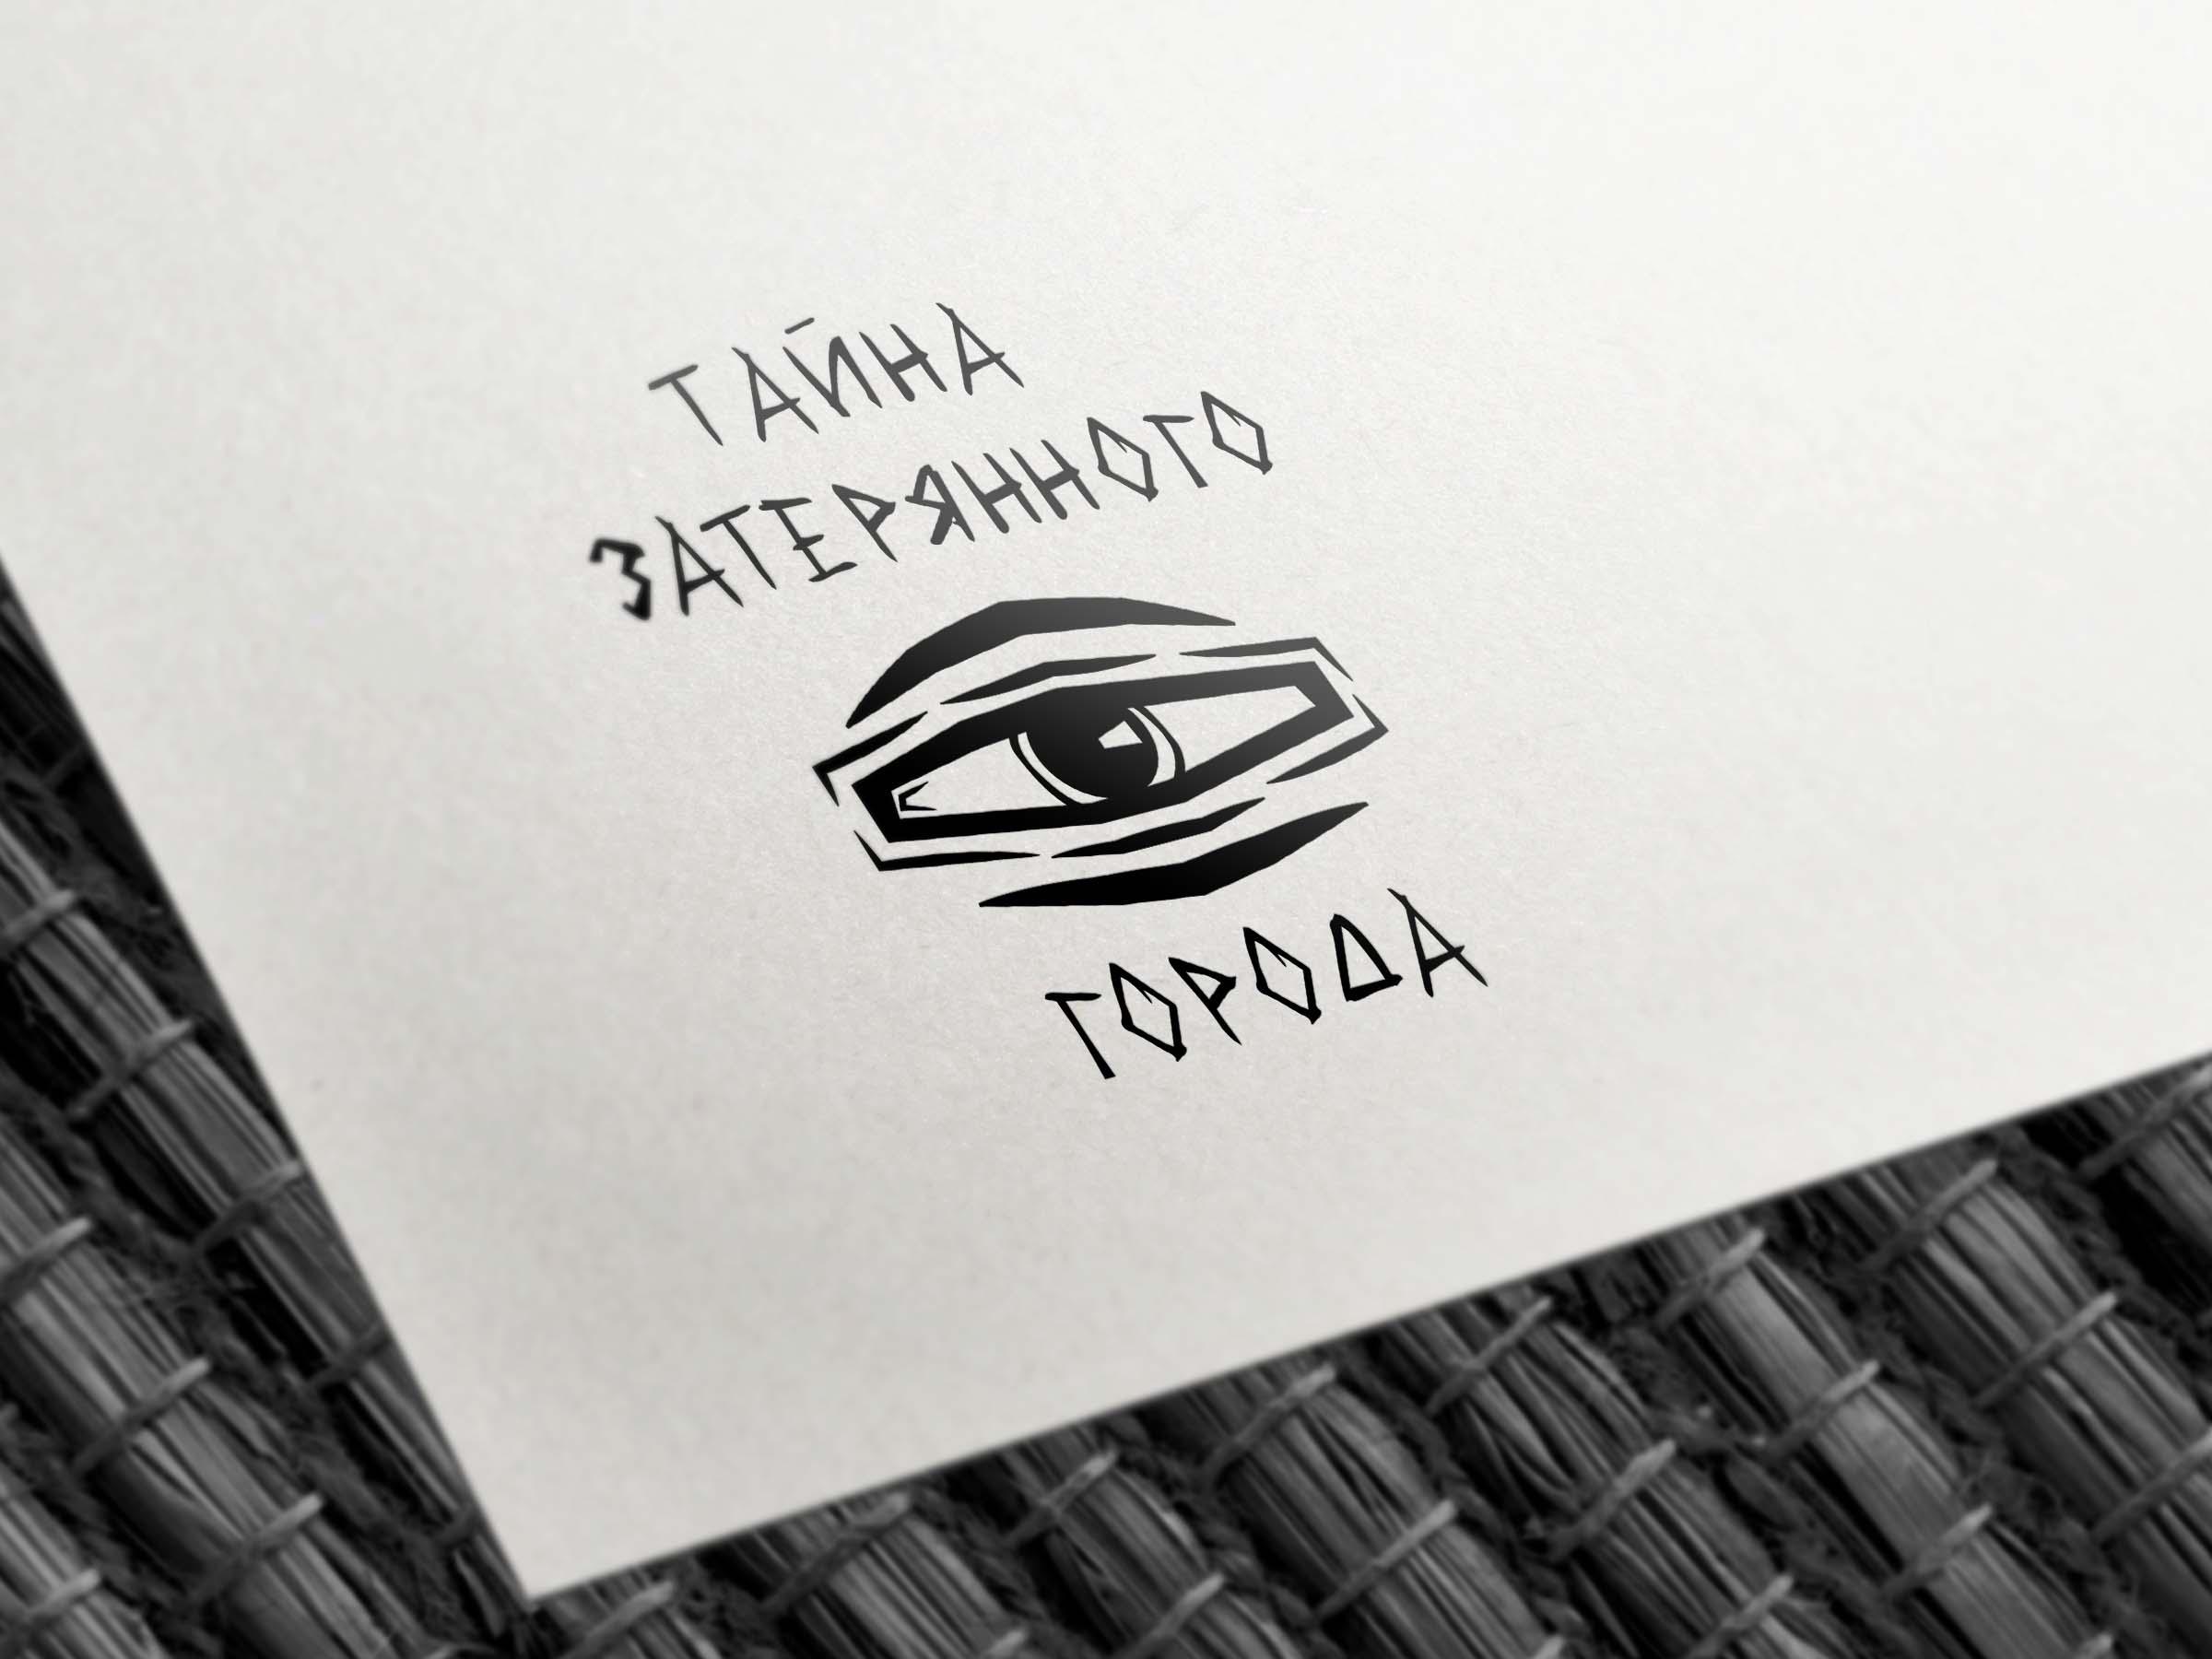 Разработка логотипа и шрифтов для Квеста  фото f_7755b420ddd3e563.jpg